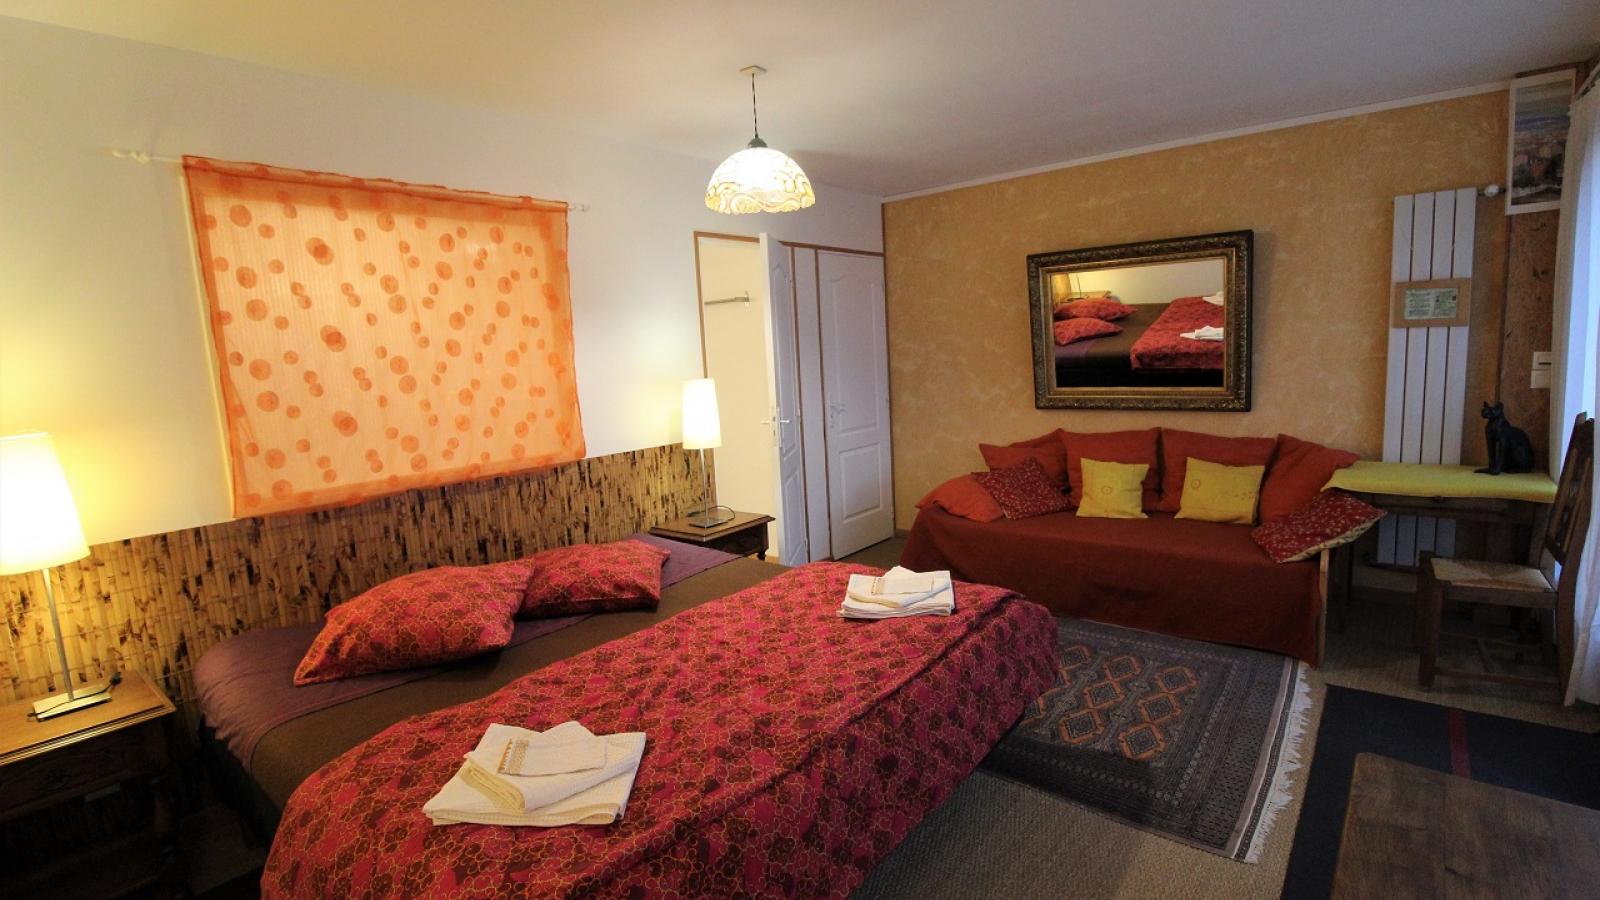 Chambres d'Hôtes 'Les Fées du Fay' à Marchampt dans le Beaujolais - Rhône : la Chambre 'Le Samovar' au rez-de-chaussée.